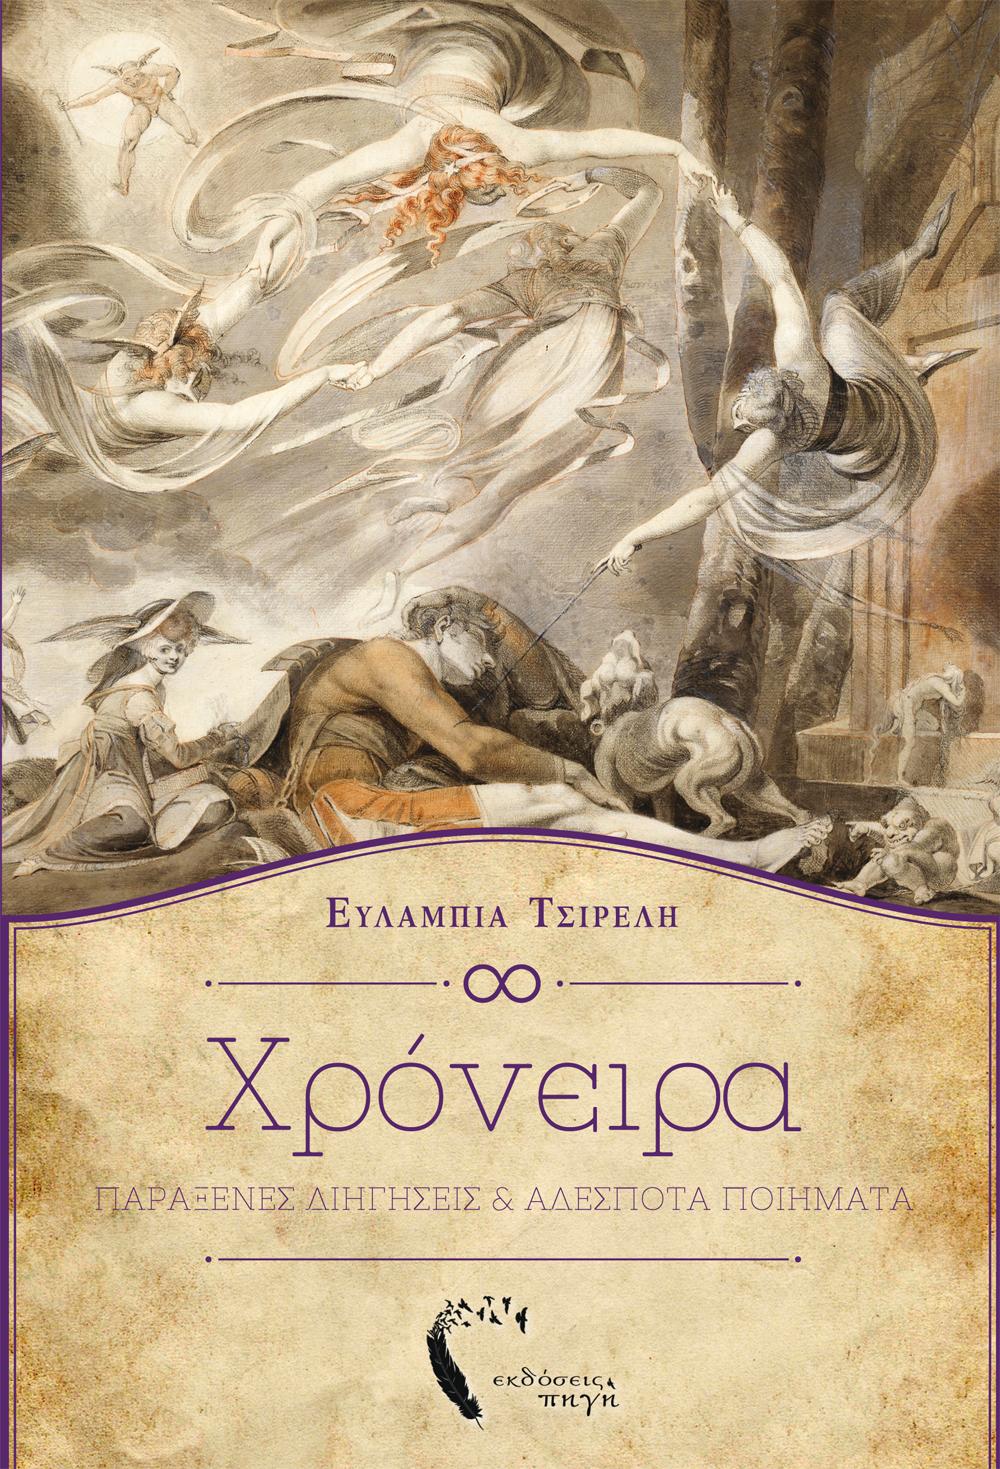 Χρόνειρα, Ευλαμπία Τσιρέλη, Εκδόσεις Πηγή - www.pigi.gr